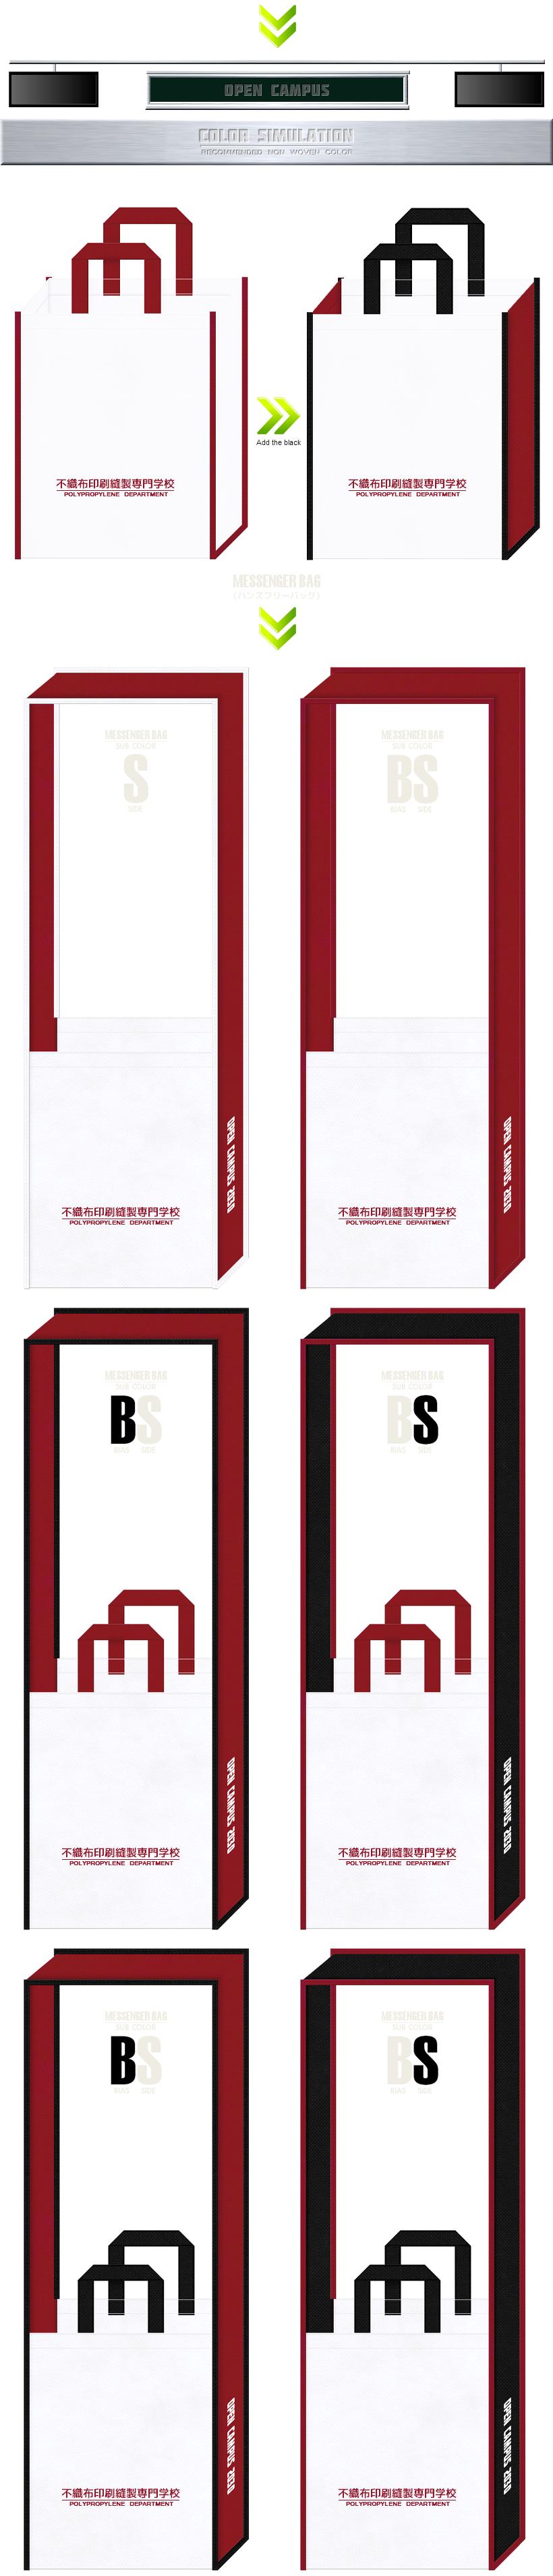 オープンキャンパス用の不織布バッグデザイン例